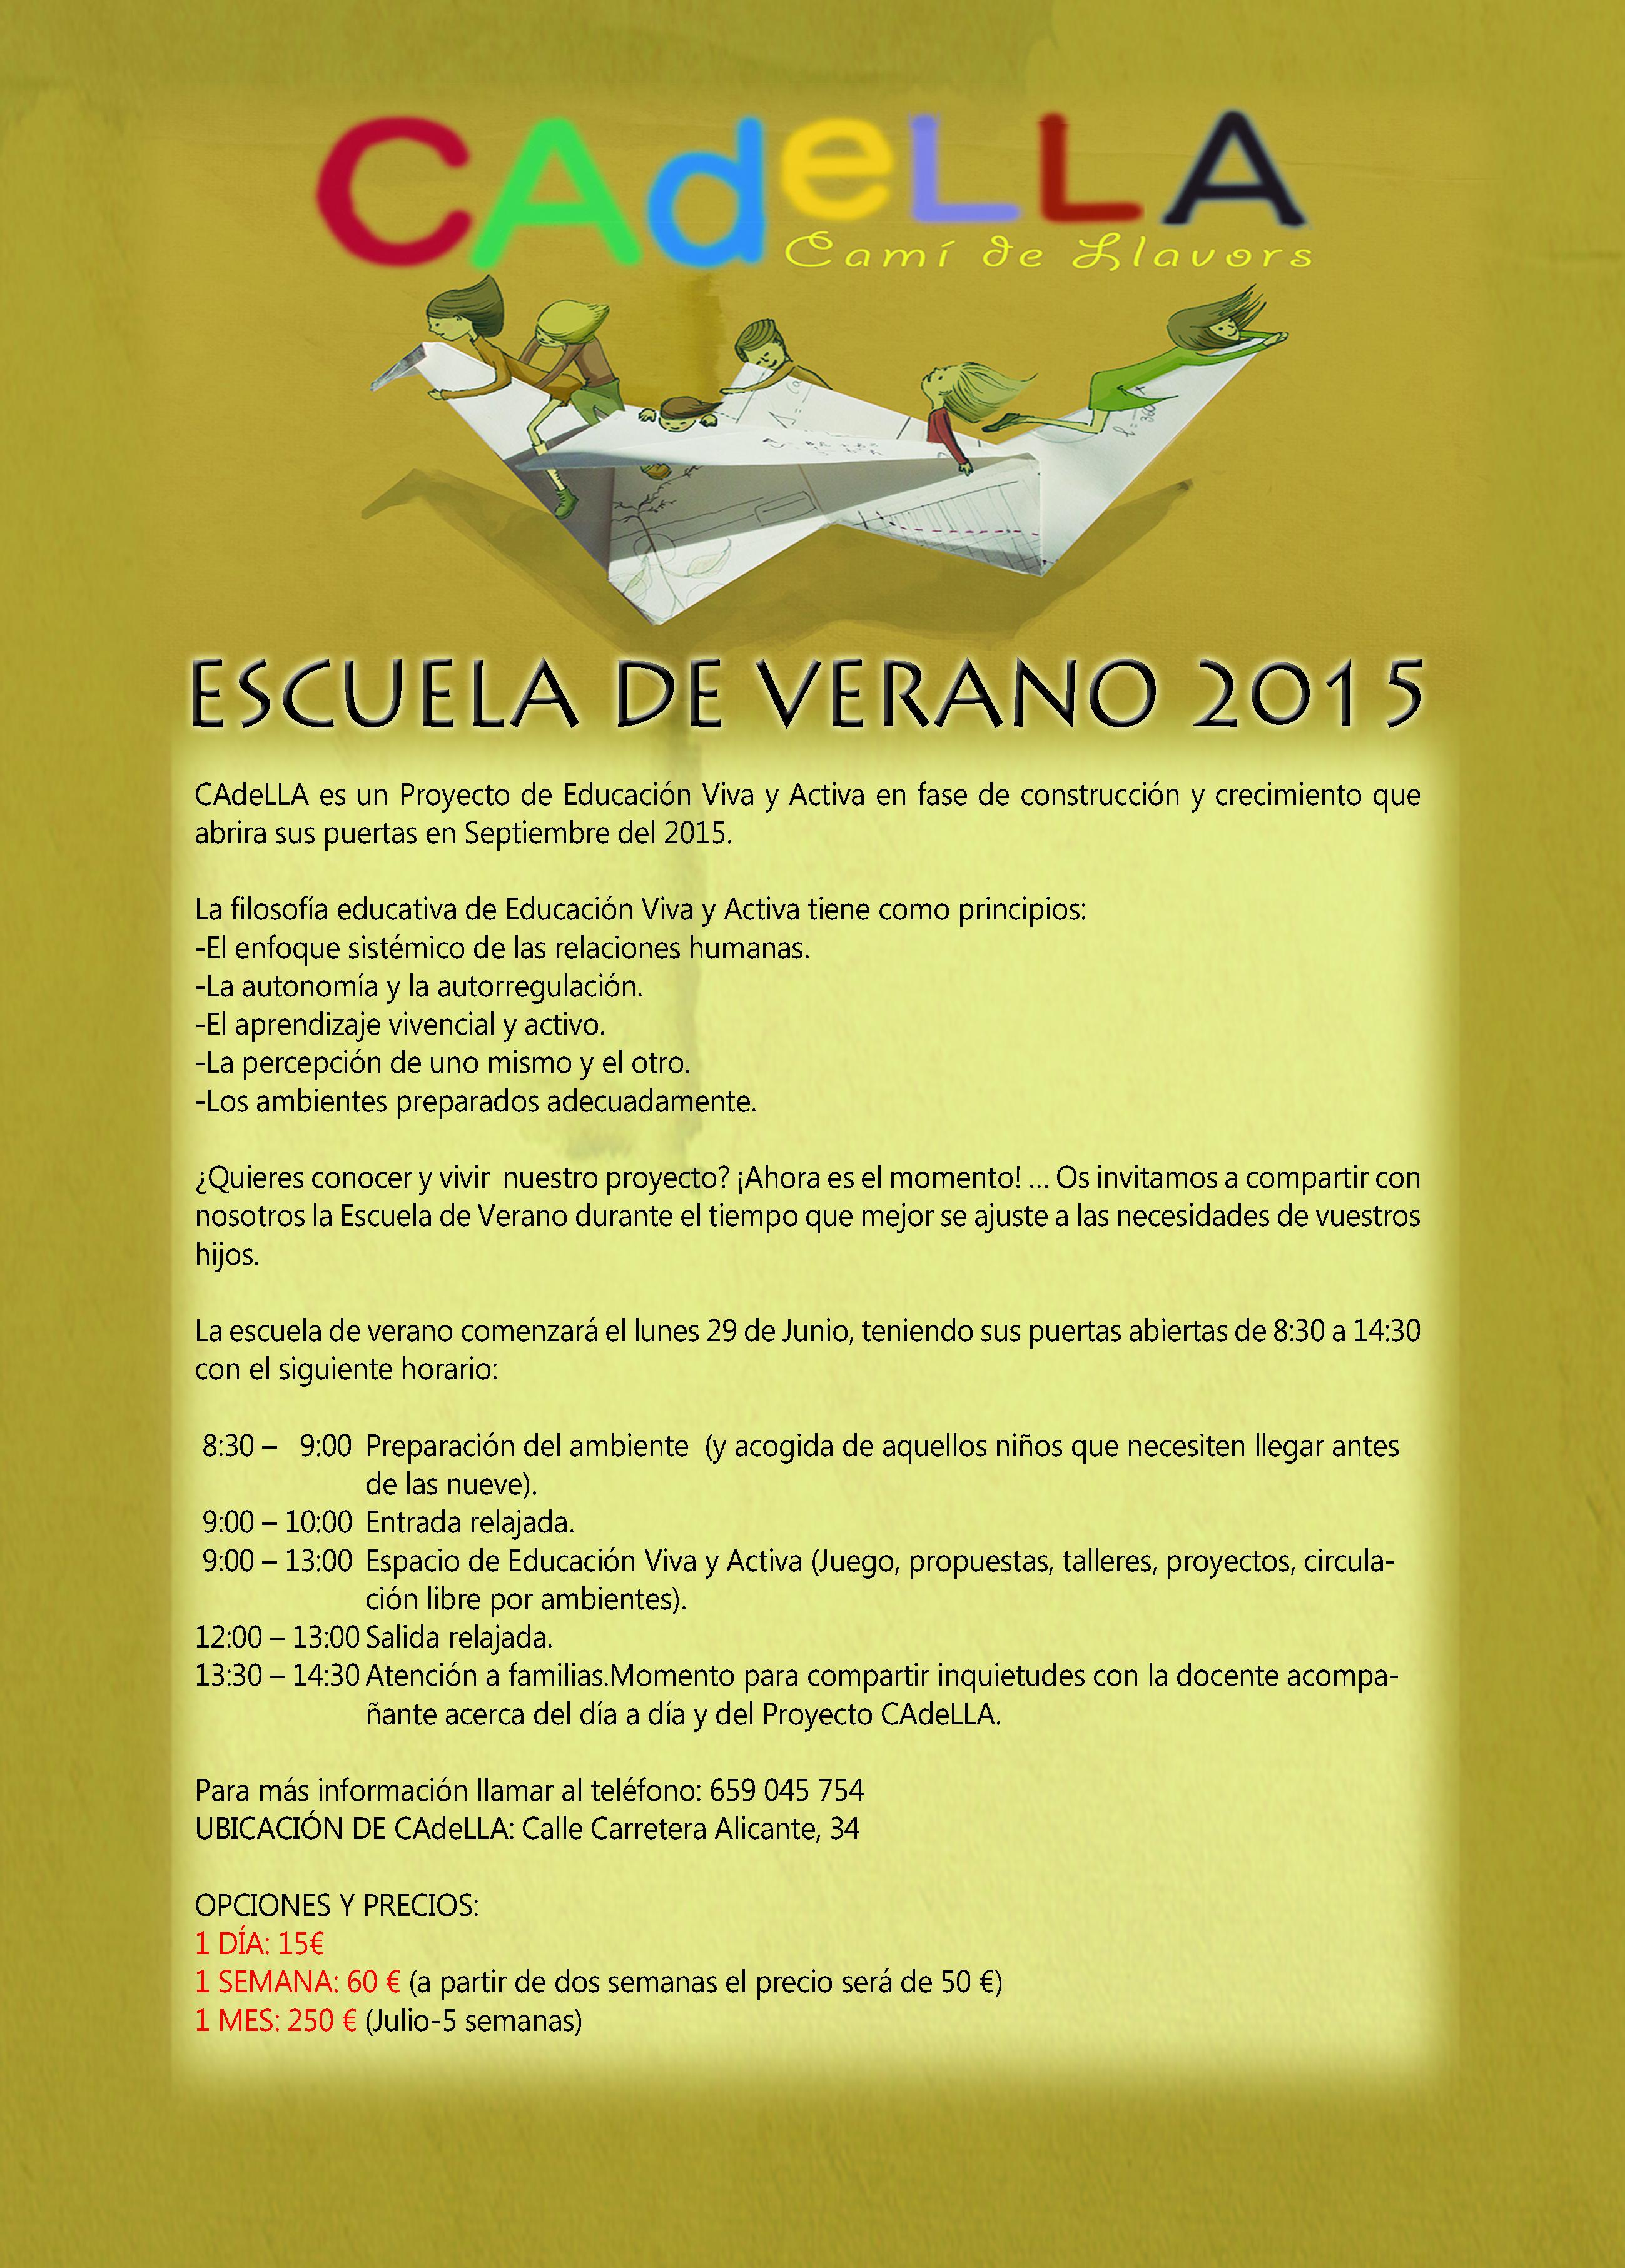 CARTEL-ESCUELA DE VERANO CADELLA 2015